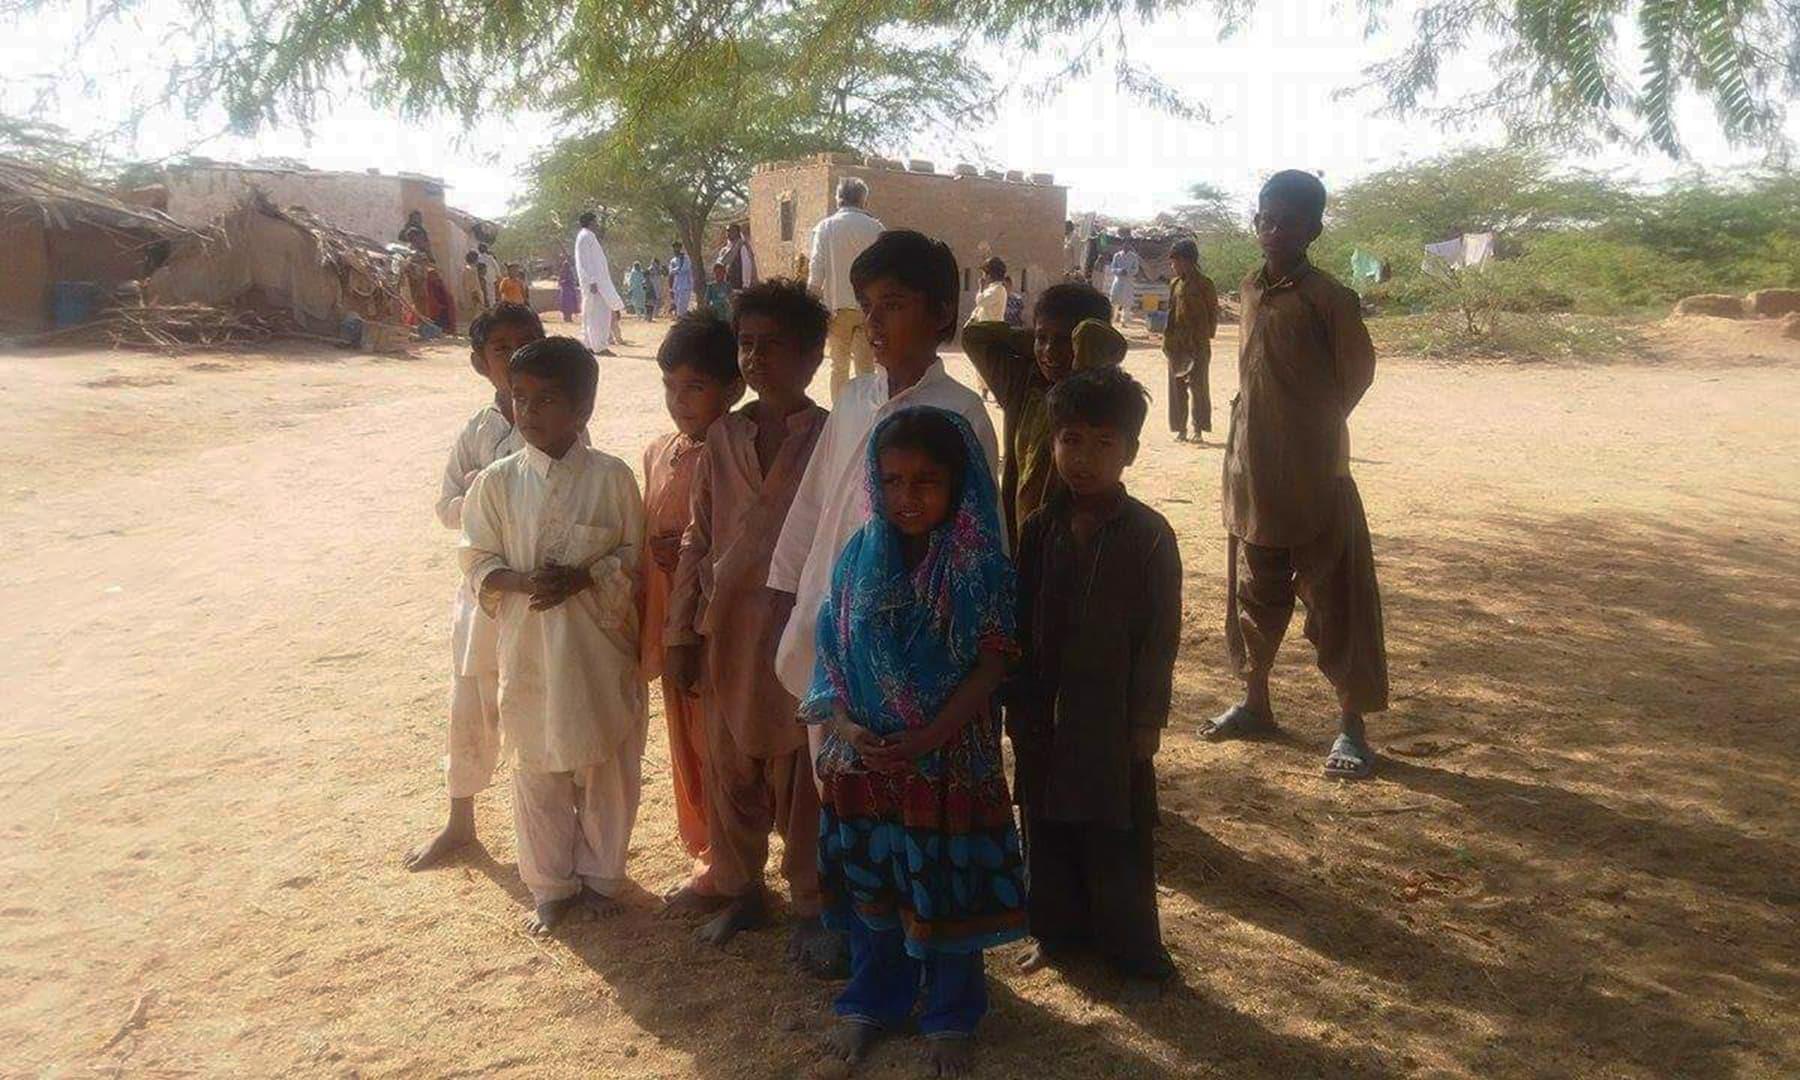 گاؤں کے بچے، جن کے چہرے غربت کی تصویر بنے ہوئے تھے—تصویر شبینہ فراز